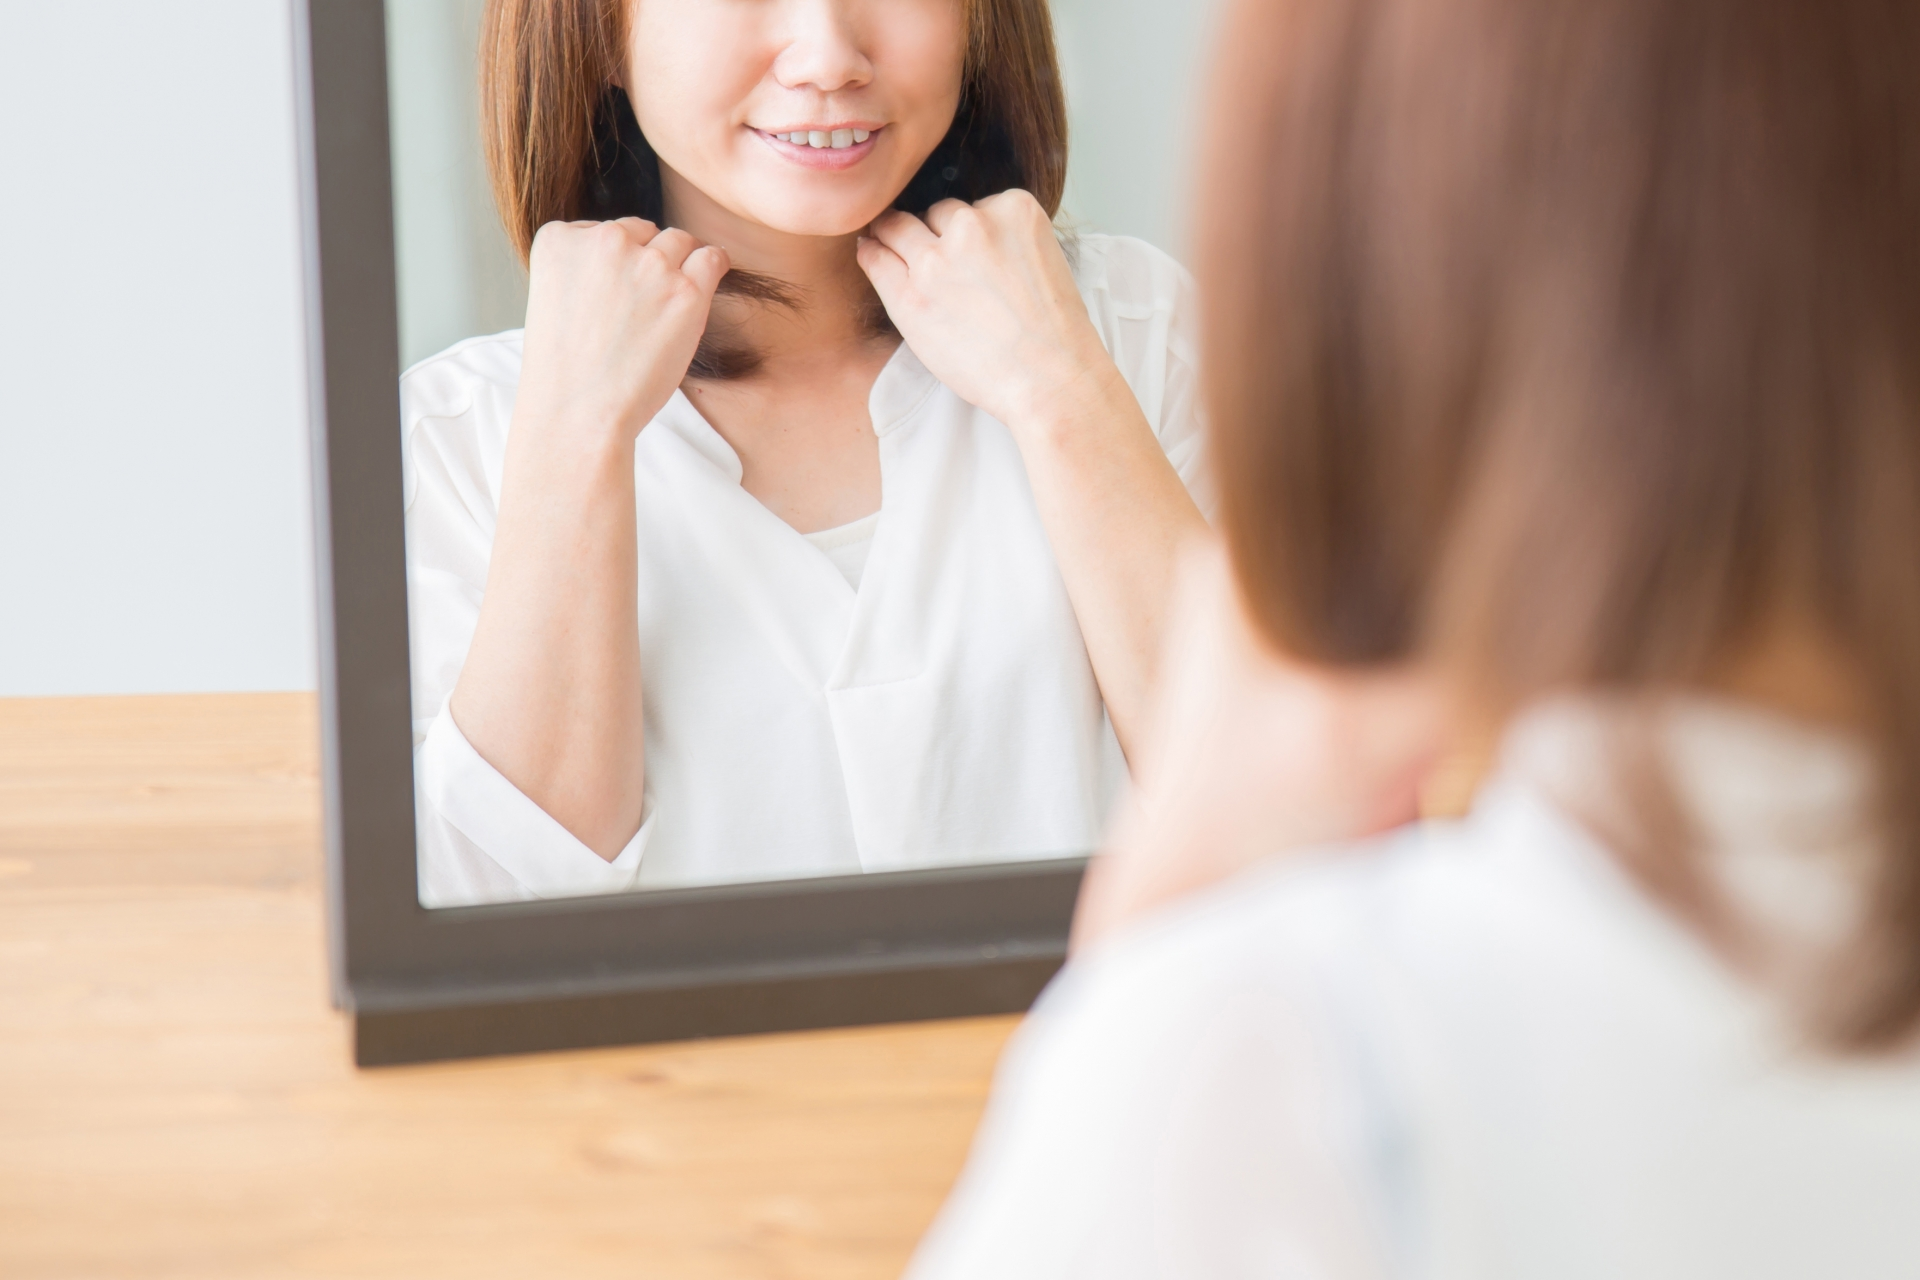 髪を整えながら微笑む女性